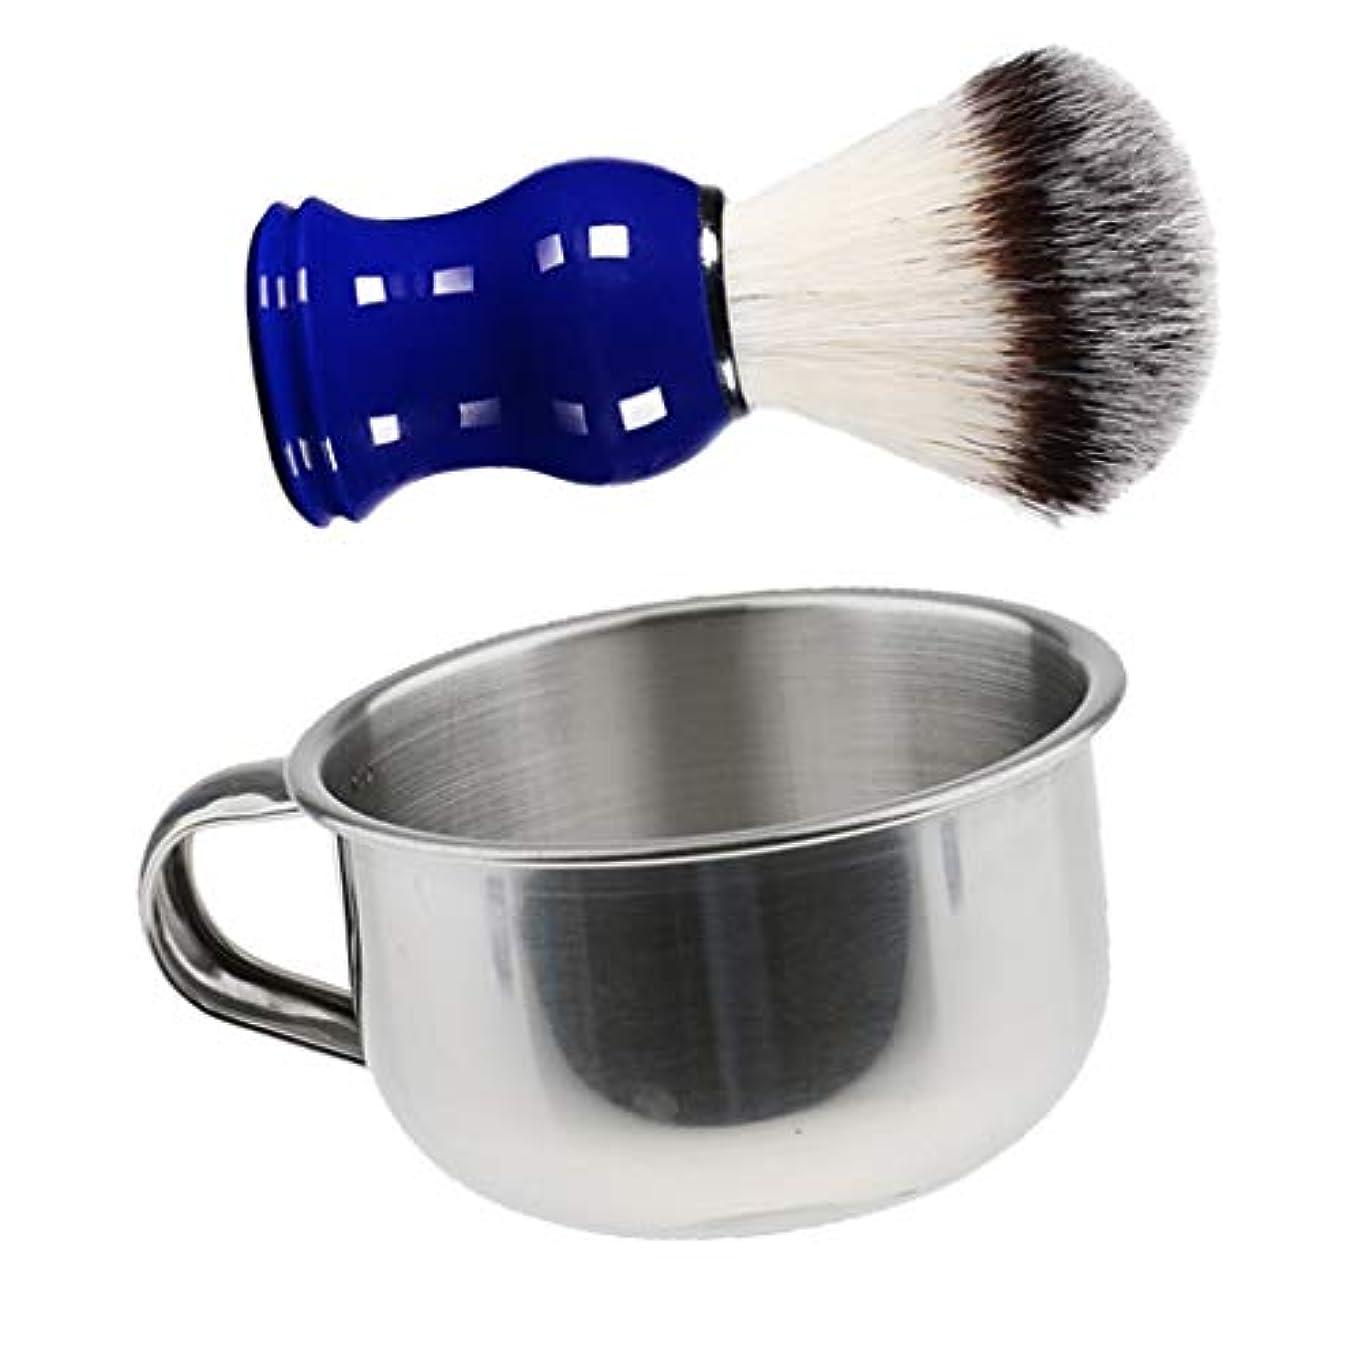 シーズンシンプトンピニオンシェービングブラシセット ステンレス製シェービングボウル メンズ 理容 洗顔 髭剃り 泡立ち 実用的